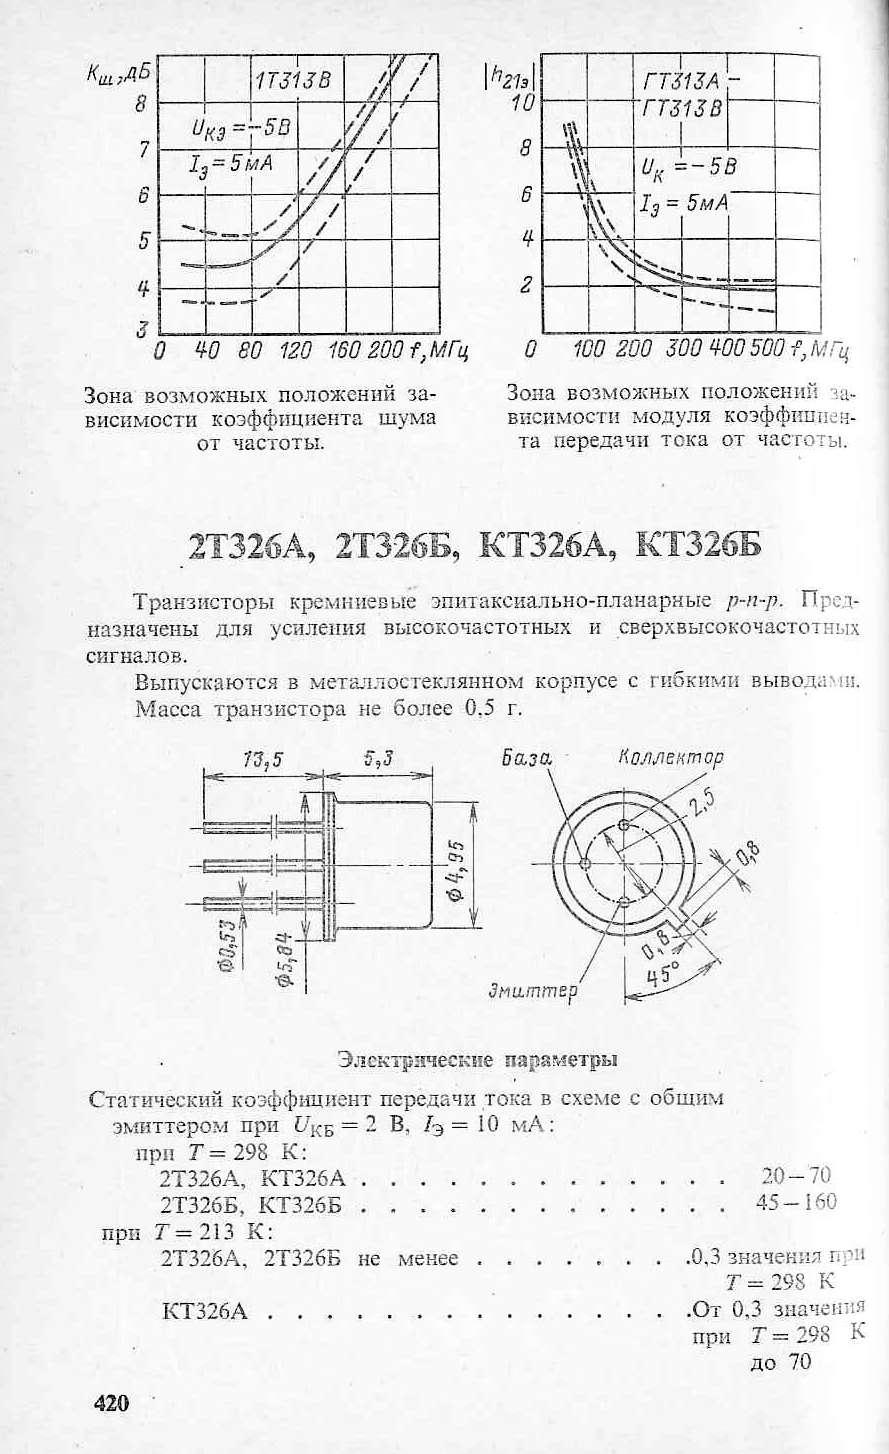 Статический коэффициент передачи тока в схеме с общим эмиттером это